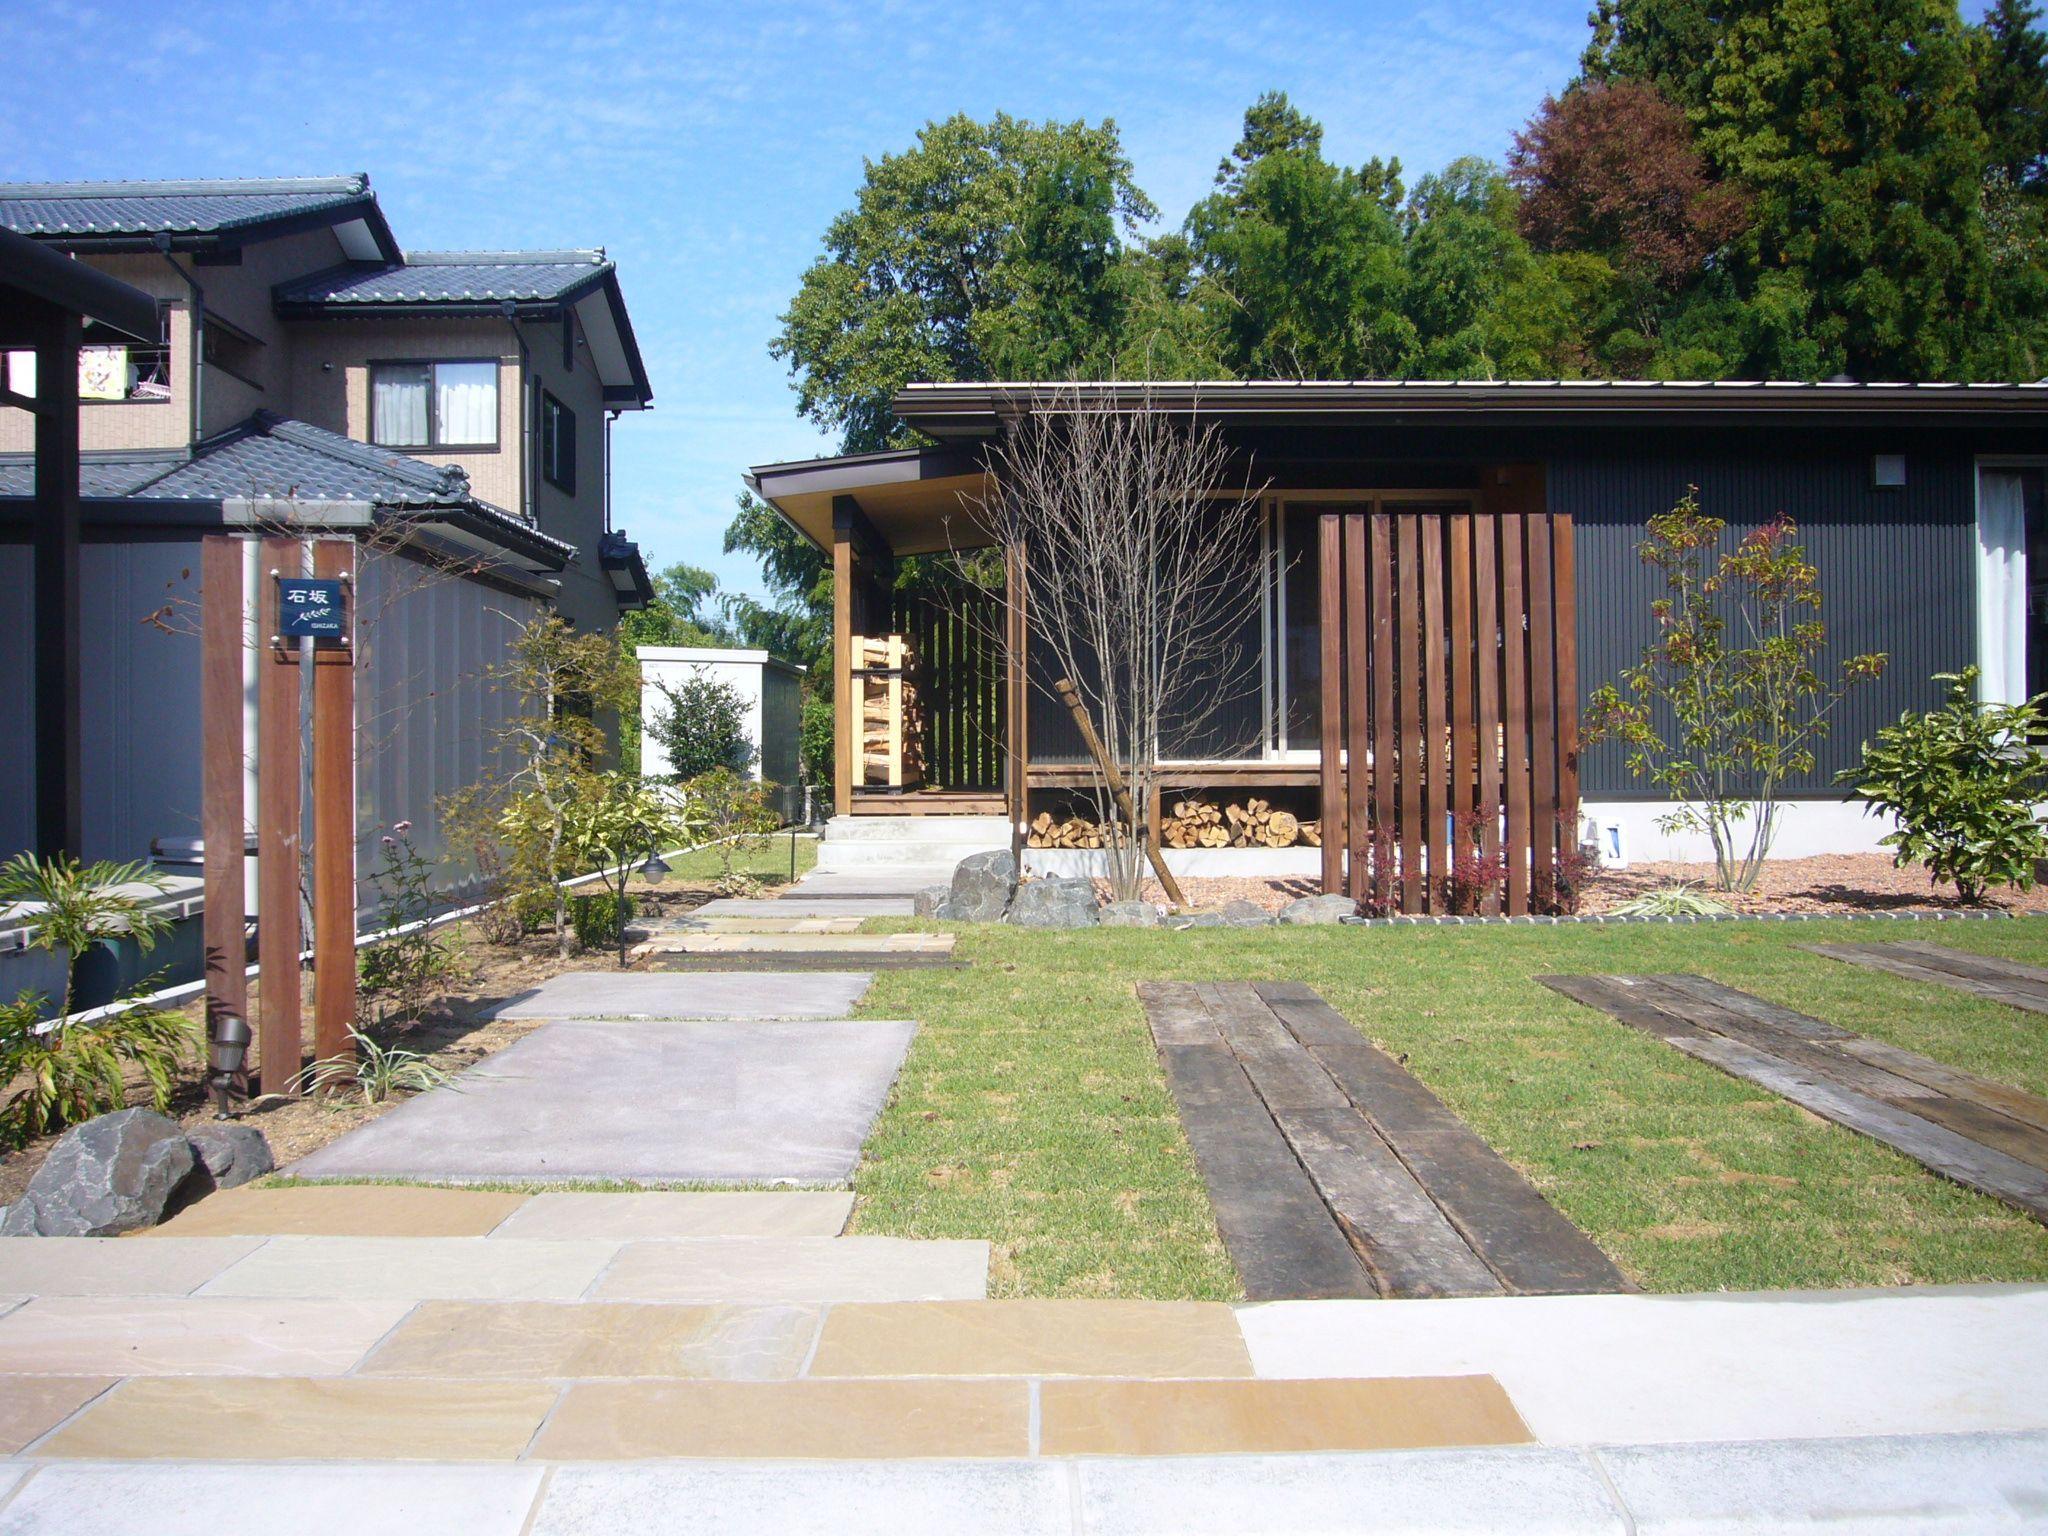 ウリンスリットと枕木でナチュラルなアプローチ 庭 エクステリア 住宅 外観